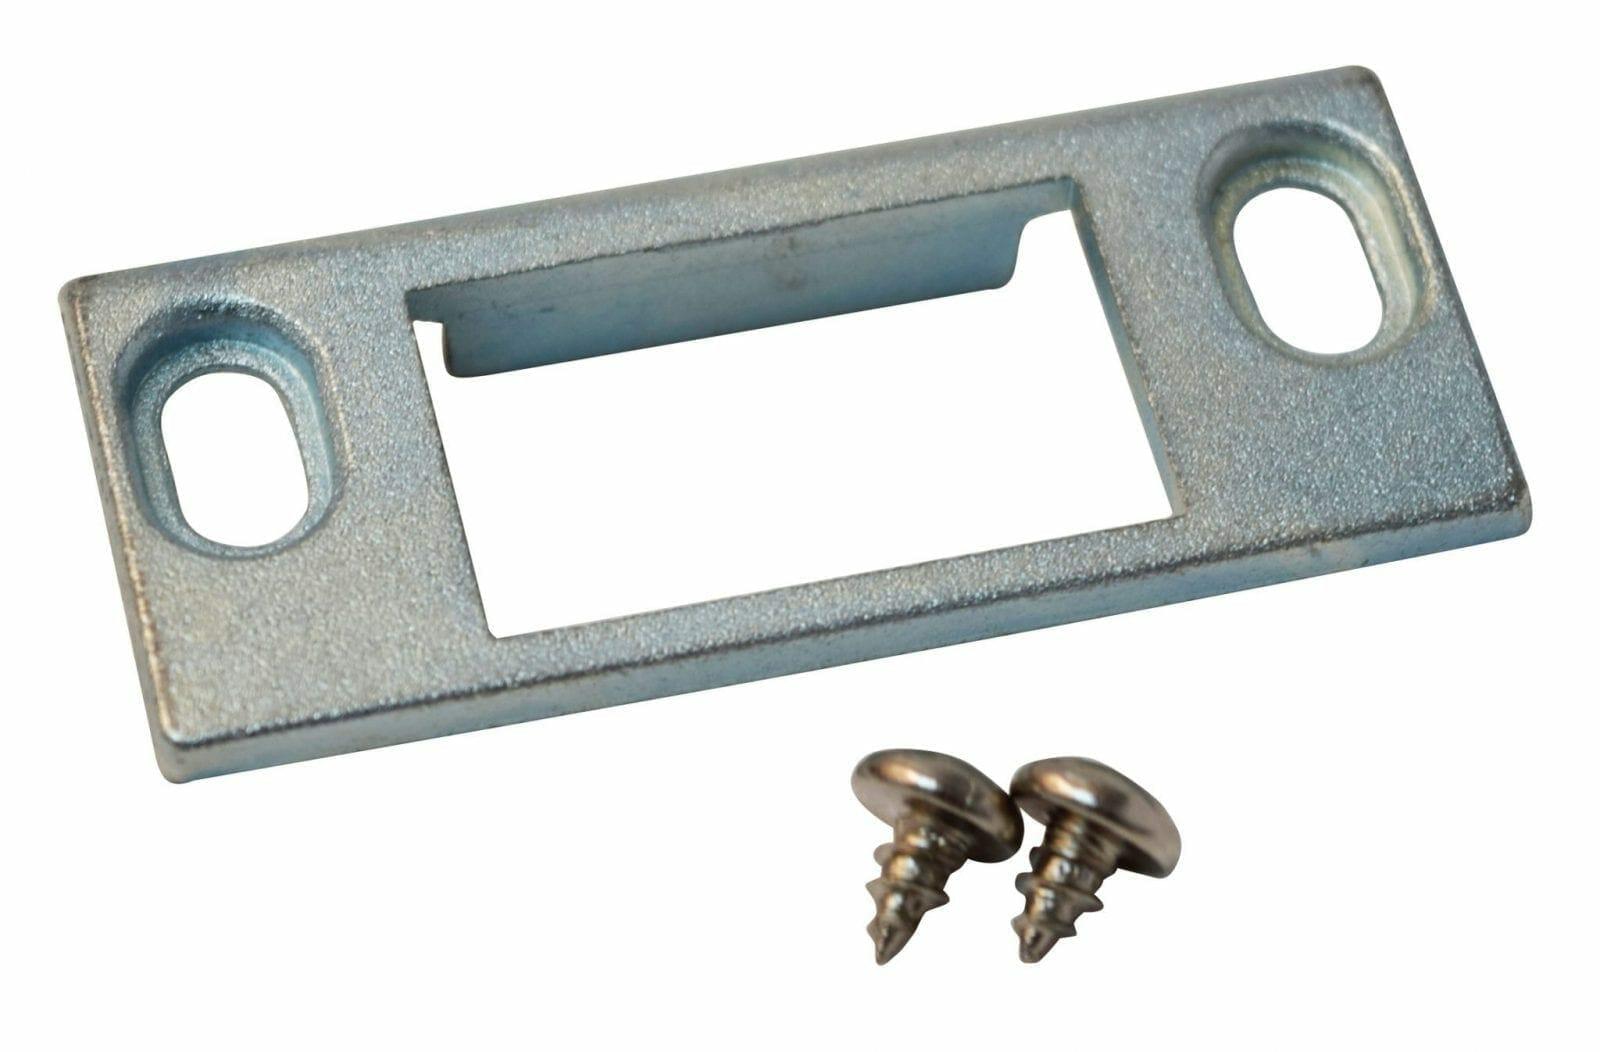 door strike plate with screws